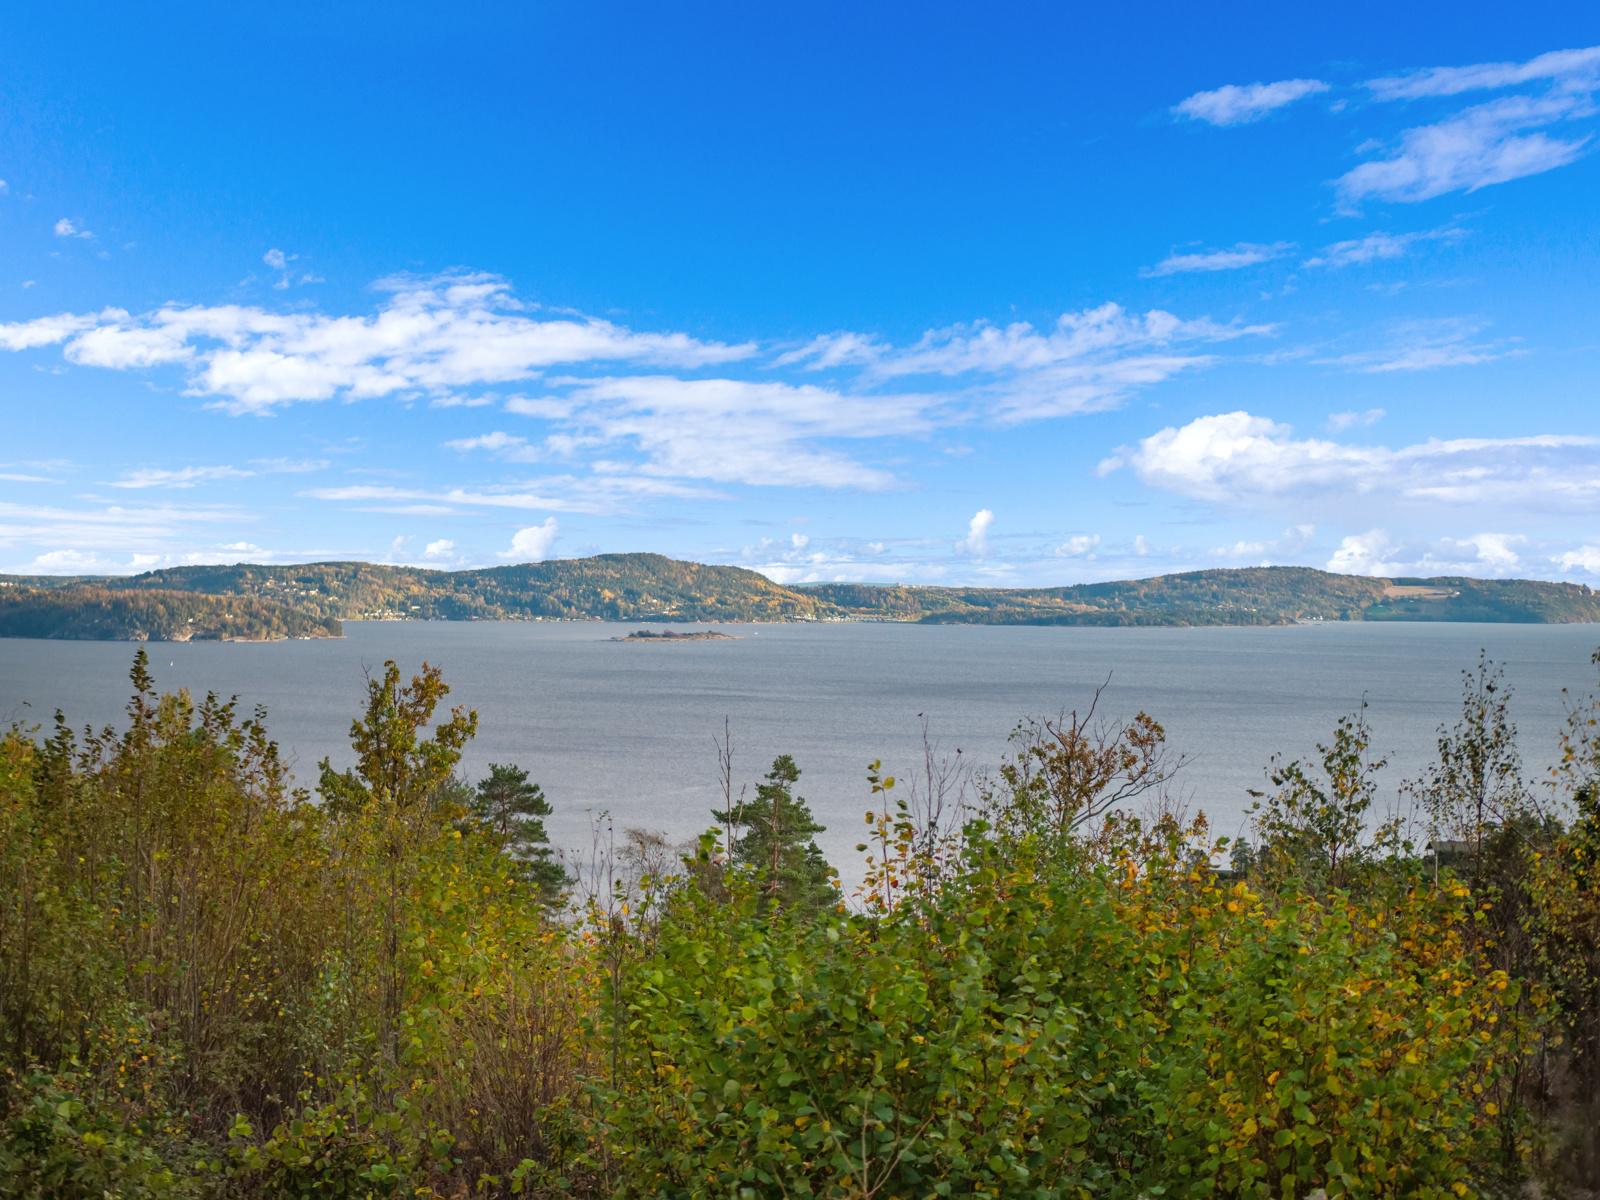 Enebolig beliggende med flott fjordutsikt utover Oslofjorden